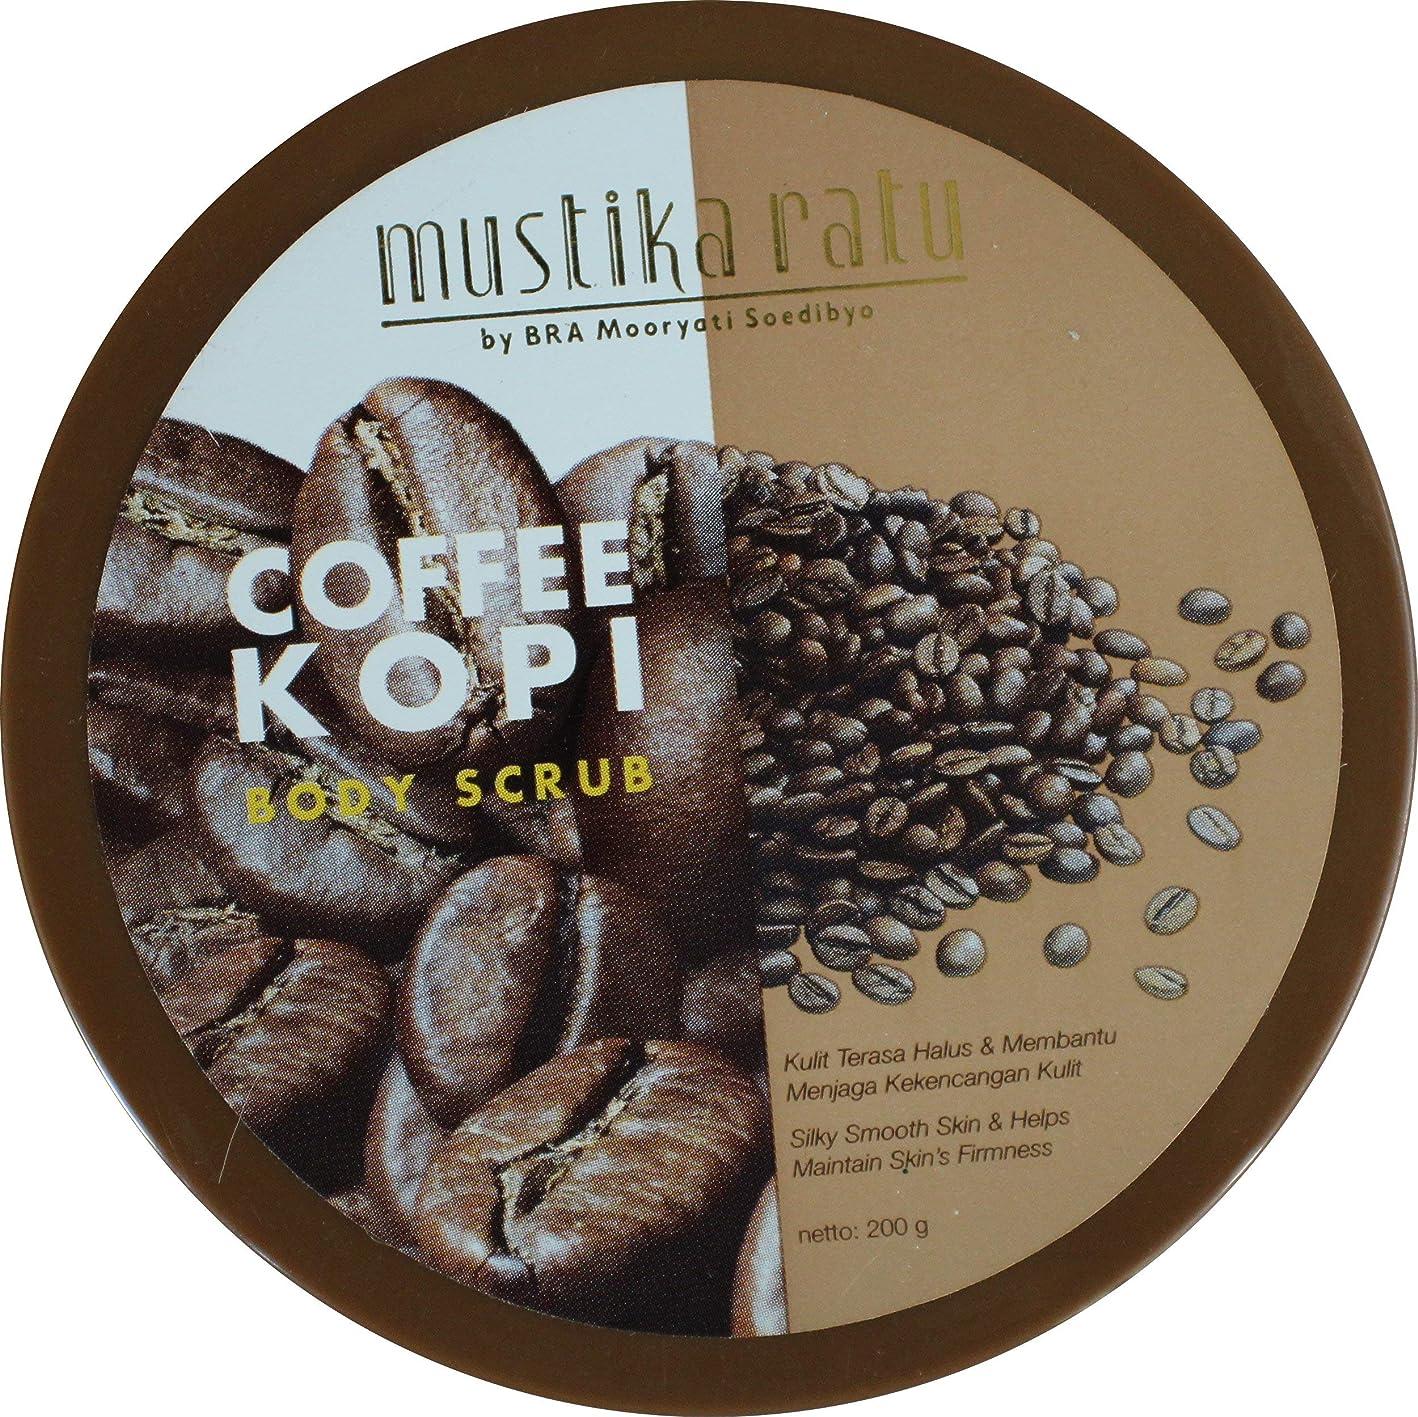 遠足広告するフローMustika Ratu インドネシア200グラム単位でのコーヒーボディスクラップ